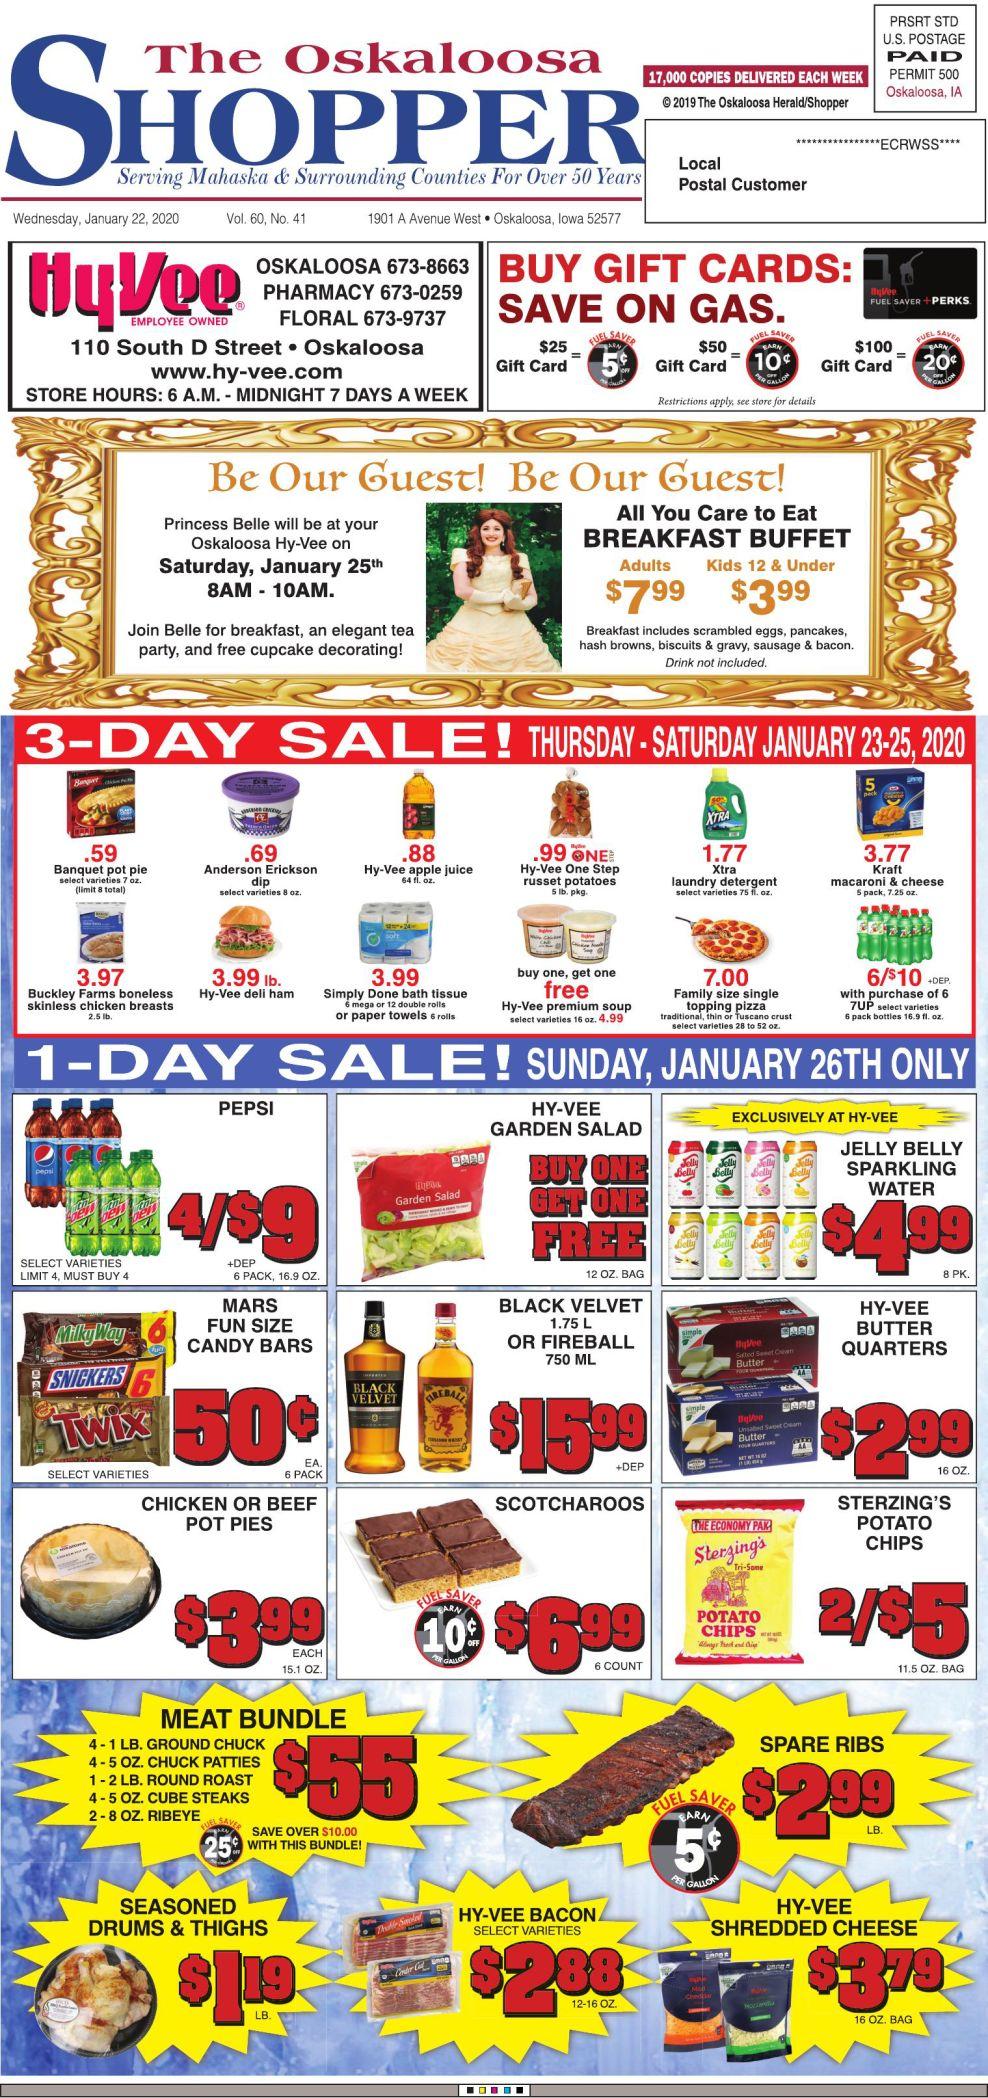 Oskaloosa Shopper week of 1/22/20